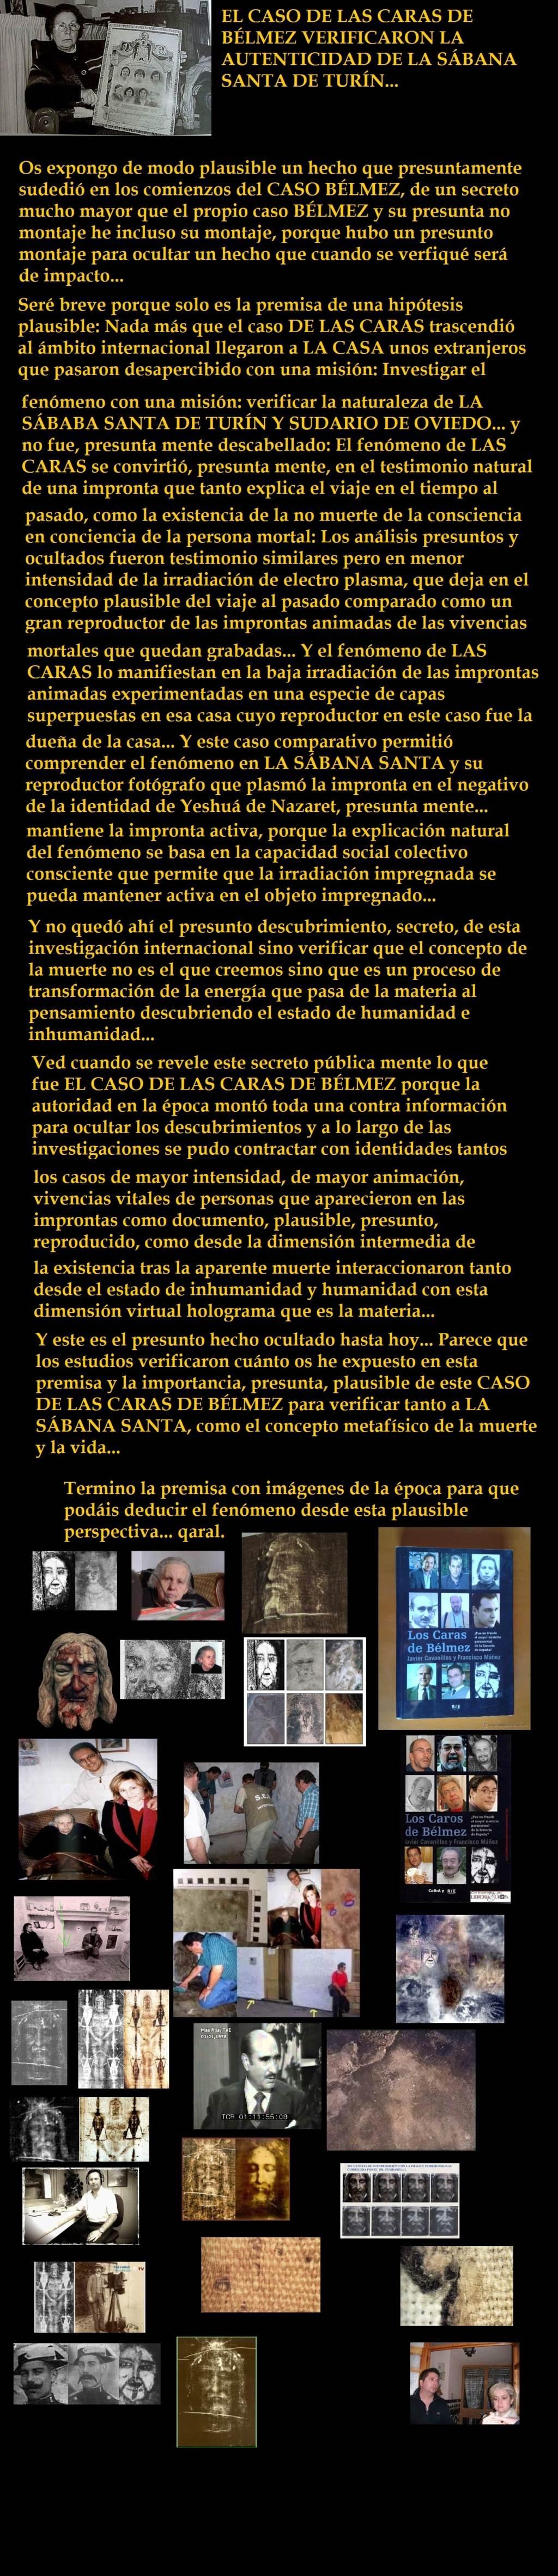 ¡EL PLAUSIBLE FENÓMENO PARANORMAL DE SU CASO MÁS IMPORTANTE DE ESPAÑA... Caras_10